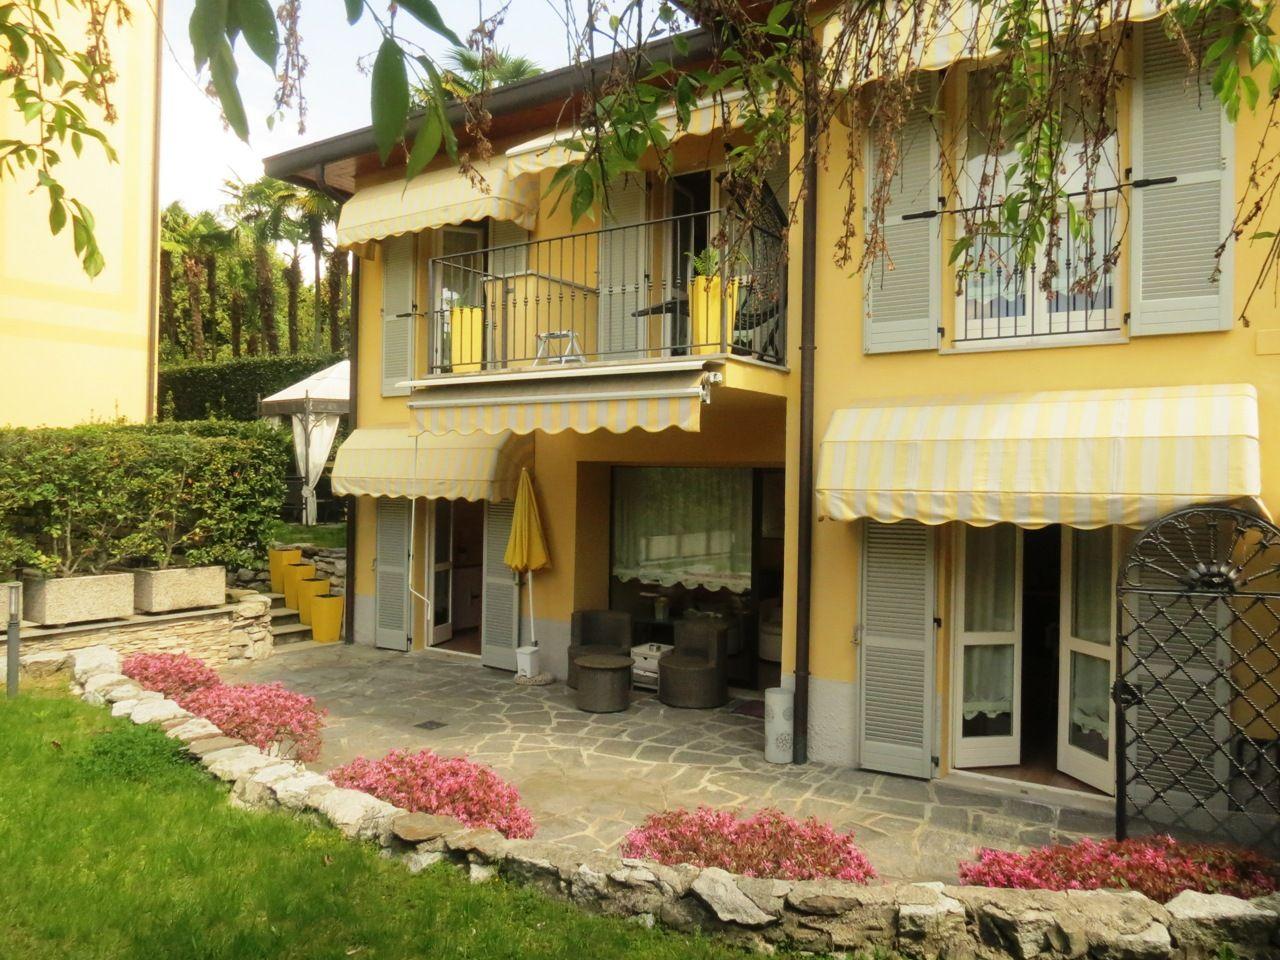 Verbania pallanza casa indipendente 3 camere con giardino - Assicurazione casa si puo detrarre dal 730 ...